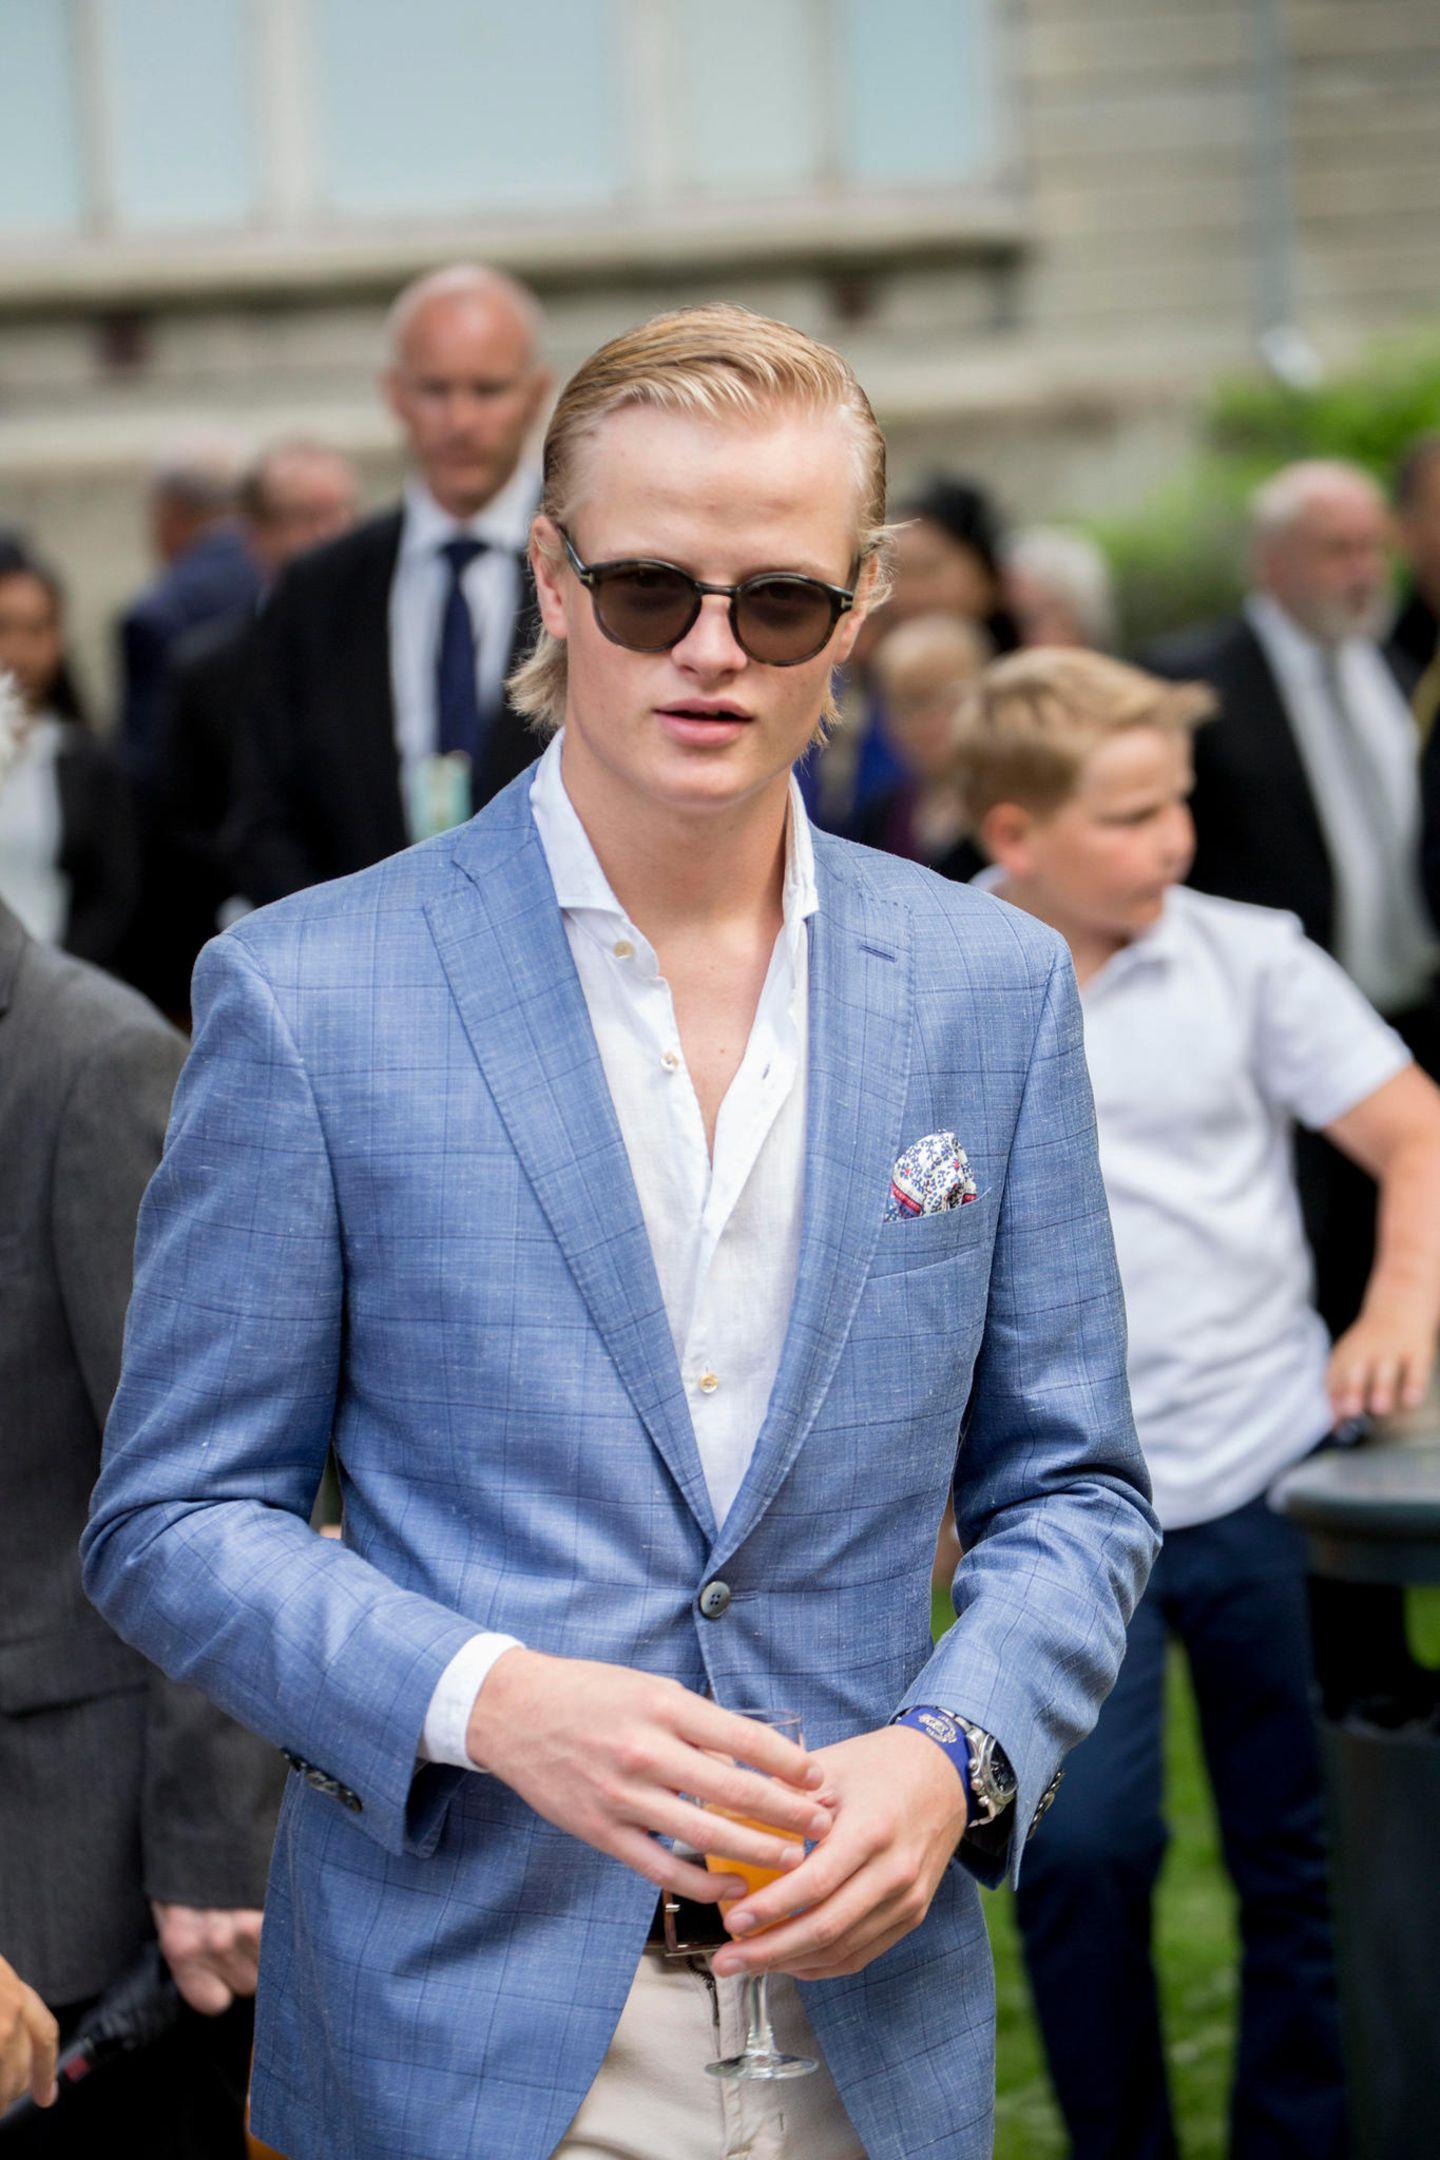 Marius Borg Høiby  Der älteste Sohn von Prinzessin Mette-Marit hat dem norwegischen Hof zwar den Rücken gekehrt und derzeit auch eine Freundin. Aber ob das schon die Frau fürs Leben ist? Wer weiß! Wir finden: Marius ist definitiv einer der attraktivsten Fast-Royals.